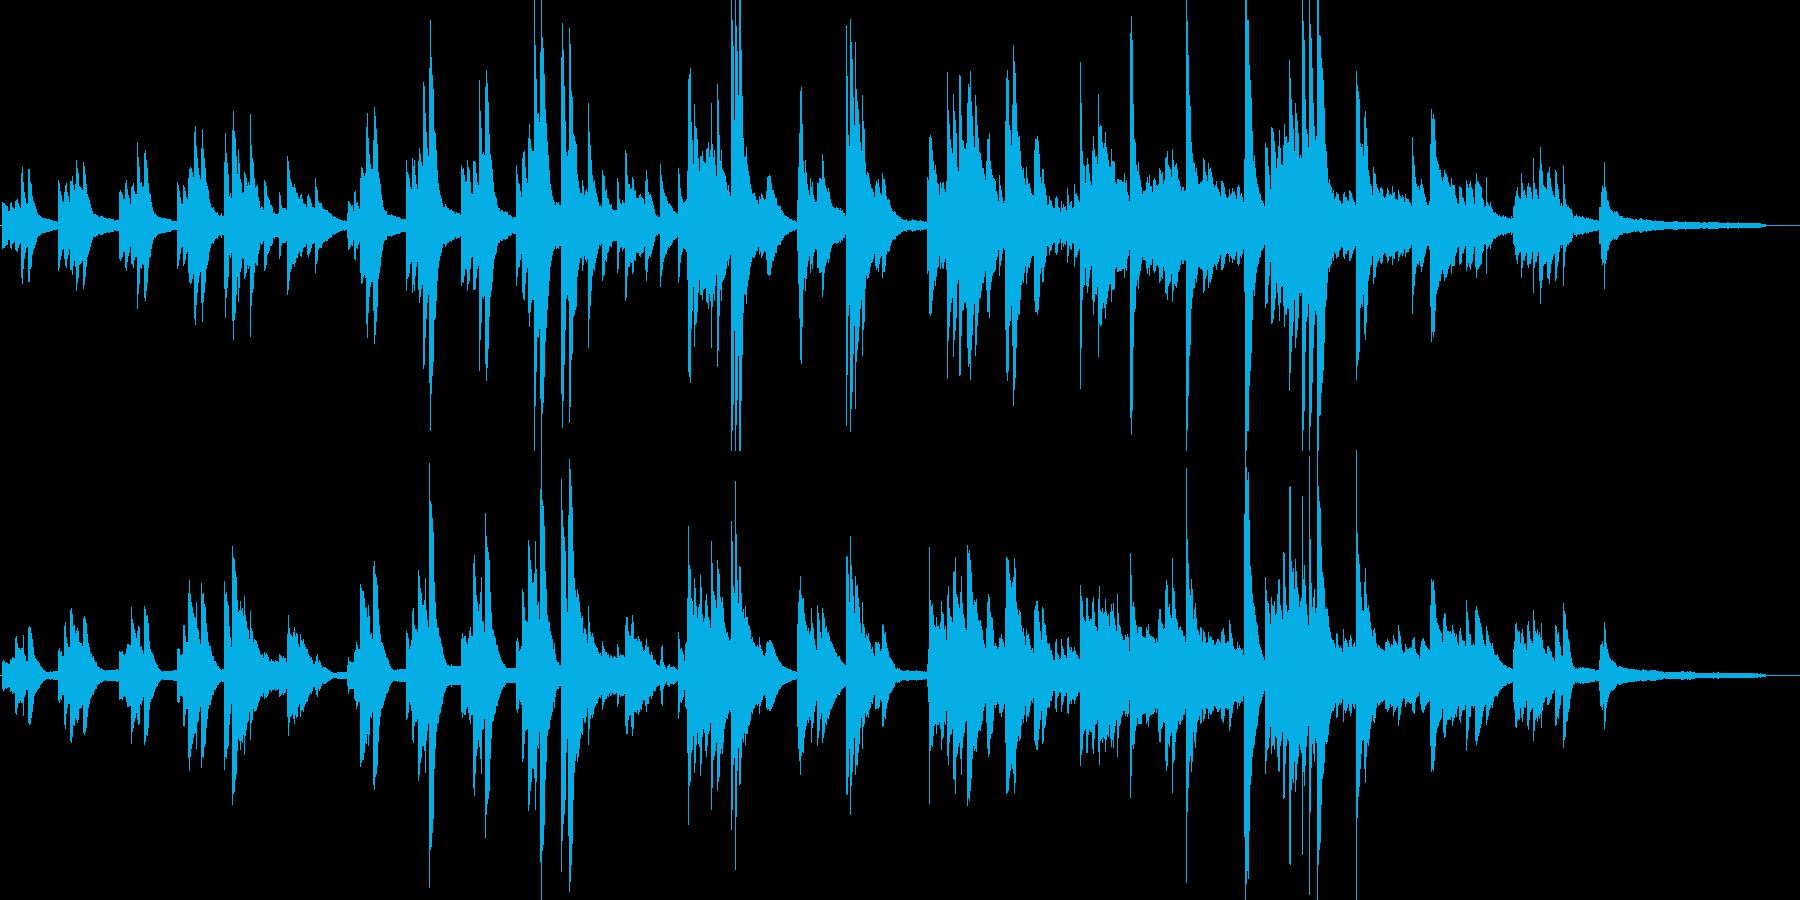 暗く怪しくサスペンス感のあるピアノ曲の再生済みの波形